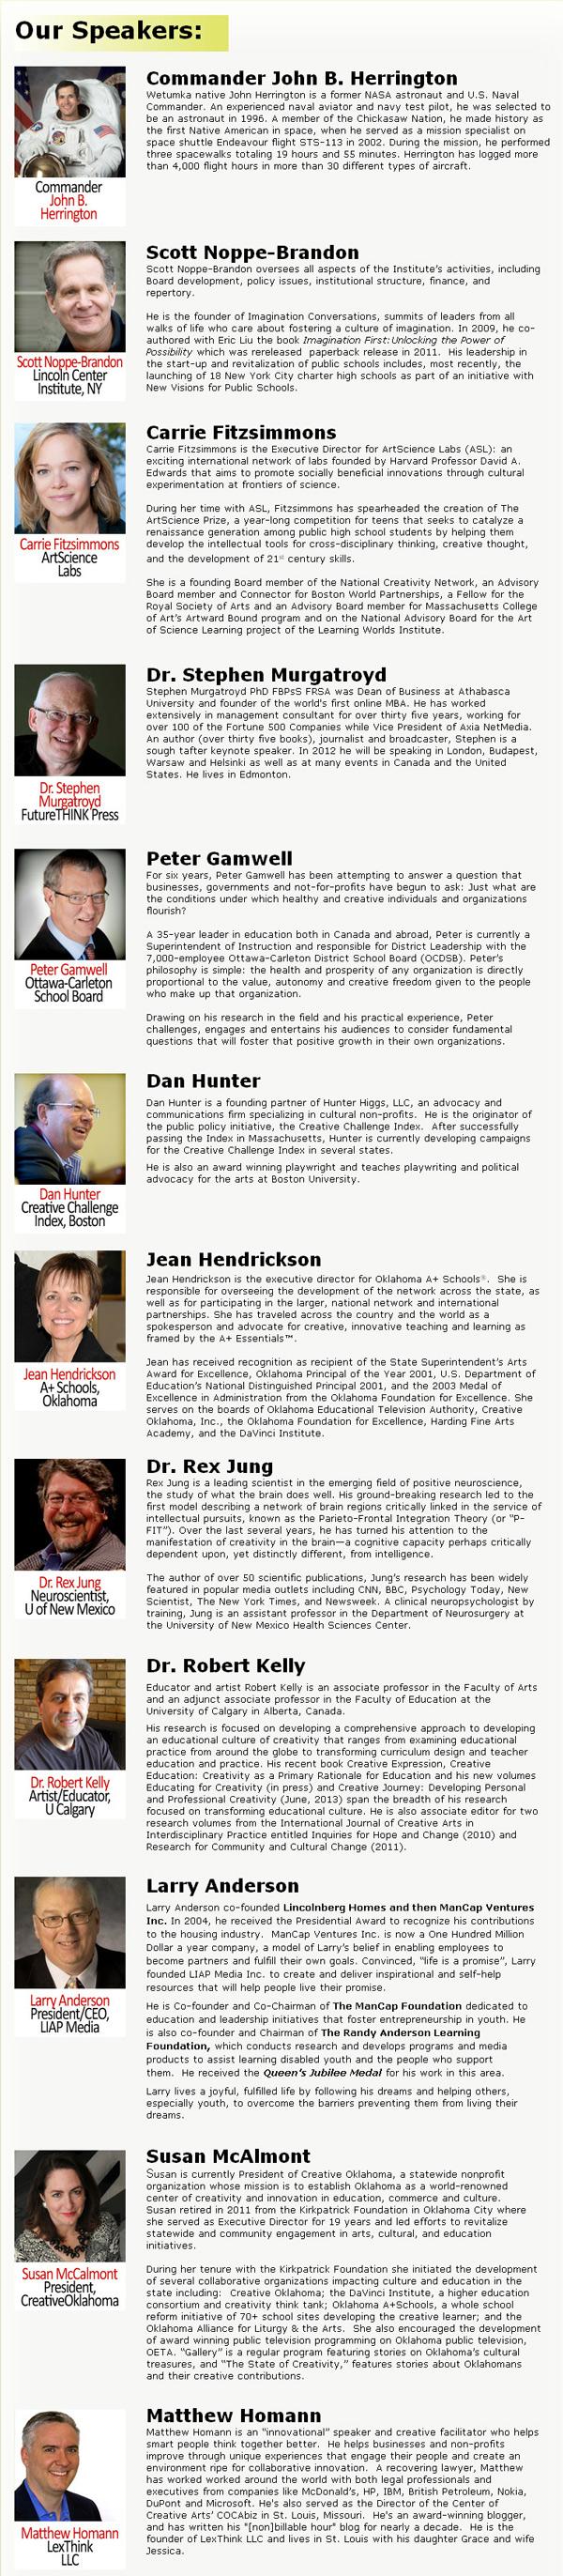 Imagination Conversation Speakers